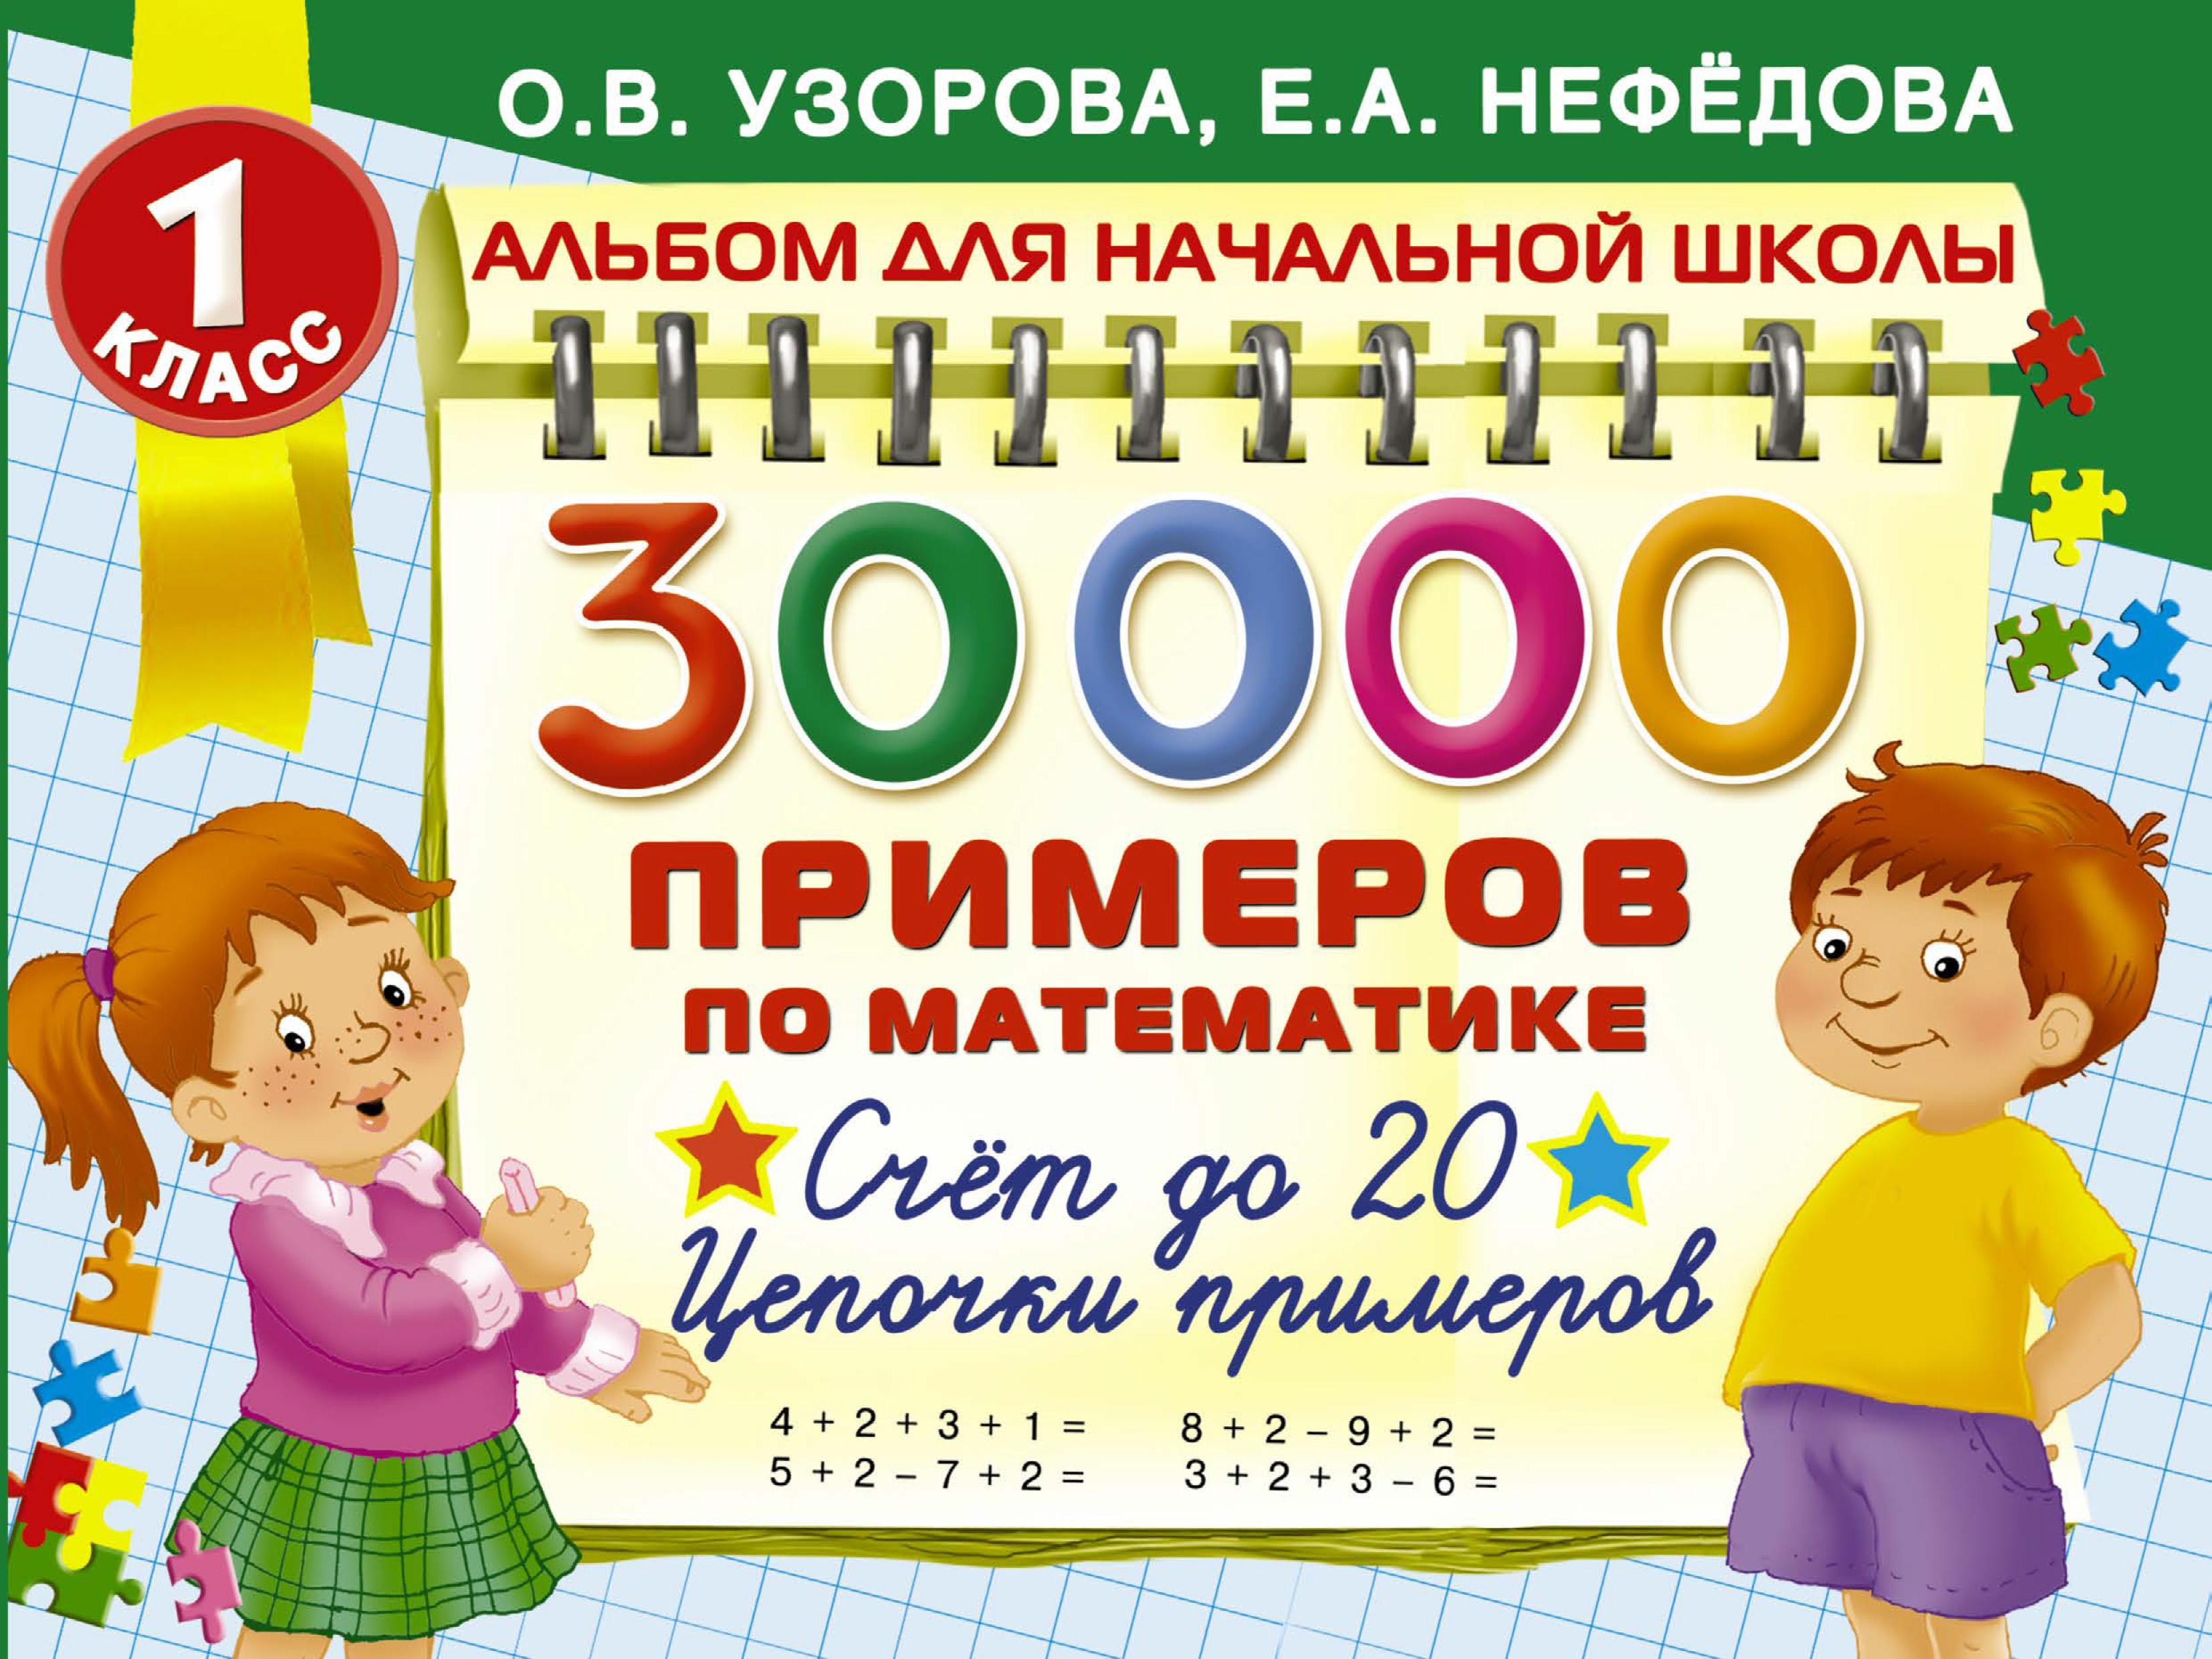 О. В. Узорова 30000 примеров по математике. 1 класс. Счет до 20. Цепочки примеров